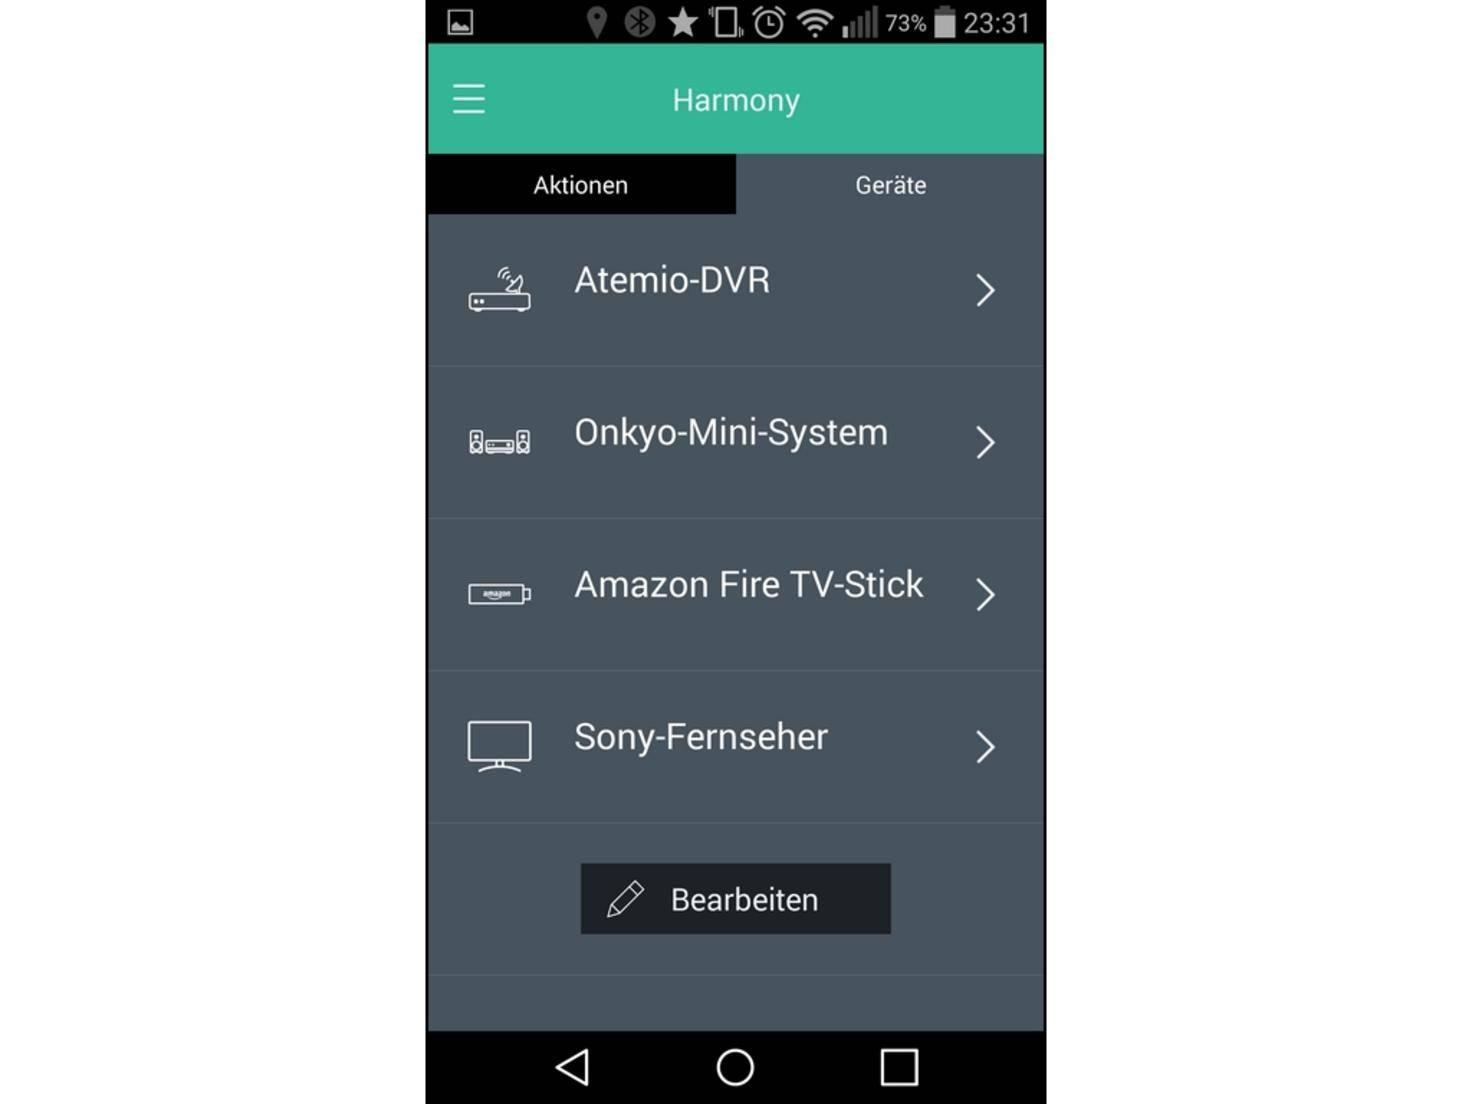 Über die Harmony-App lassen sich die Geräte einrichten.